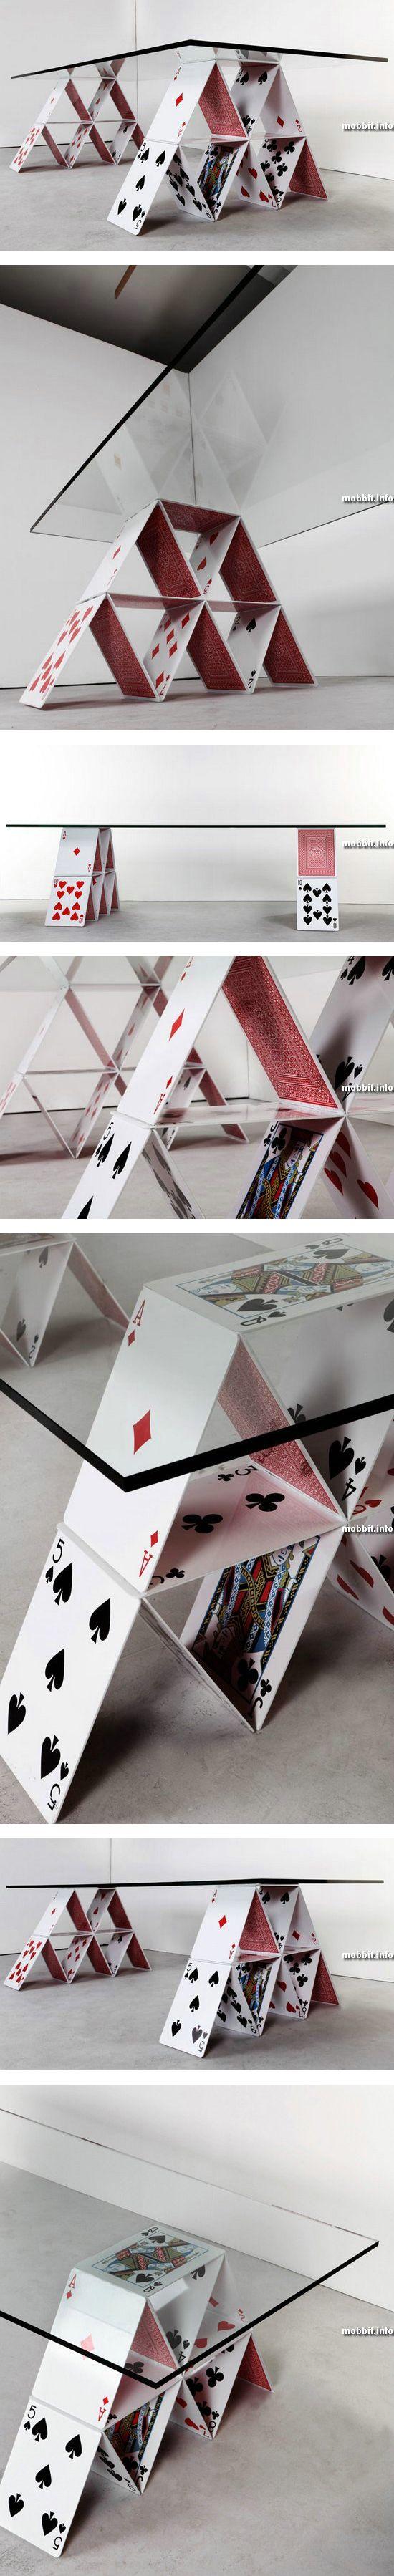 Журнальный столик в виде карточного домика